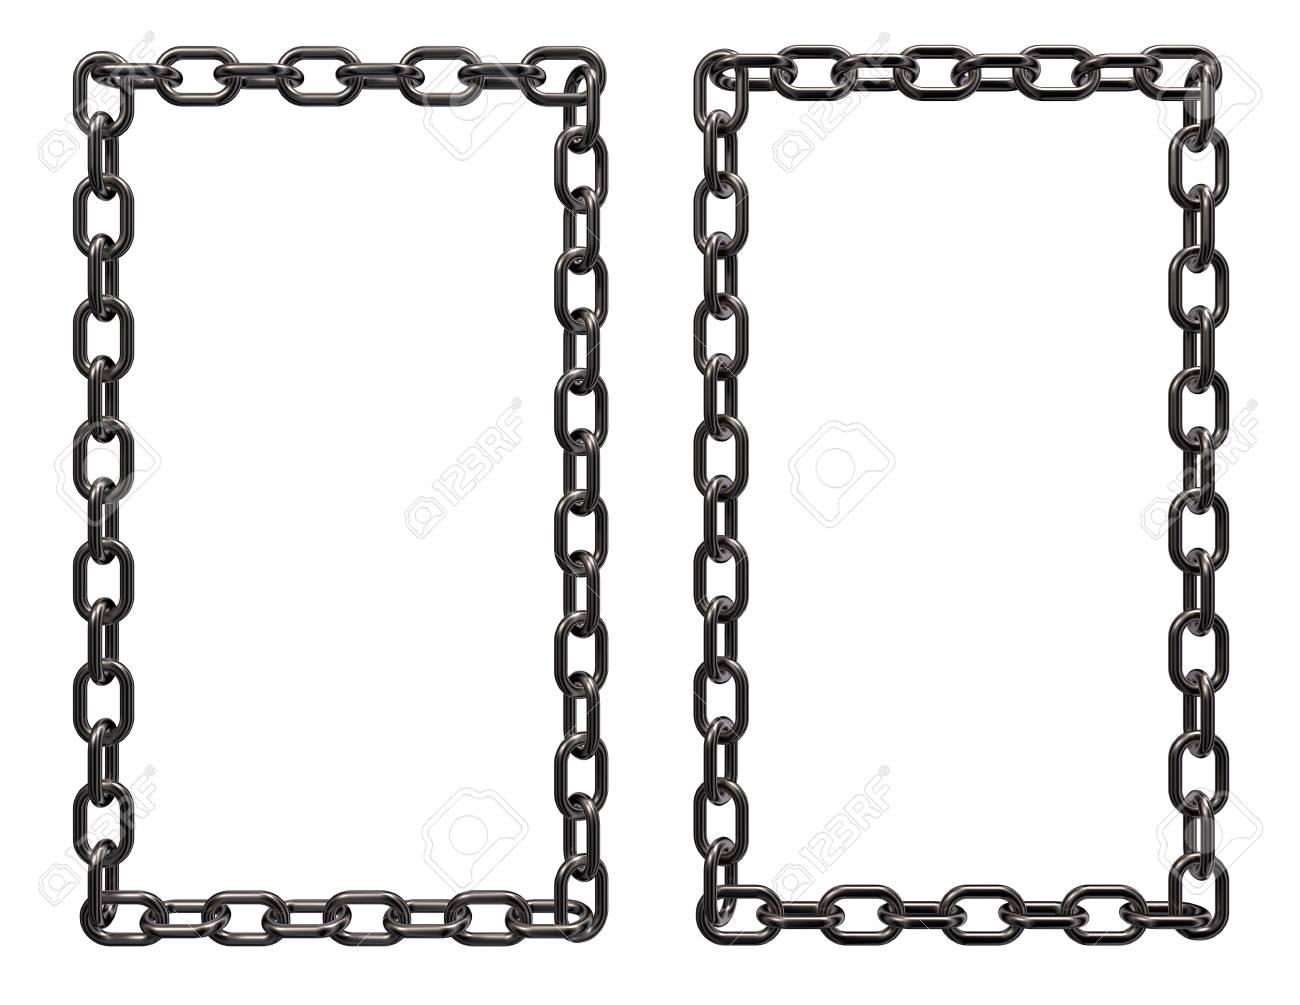 Cadenas De Metal Frontera Marco Sobre Fondo Blanco - 3d Prestación ...